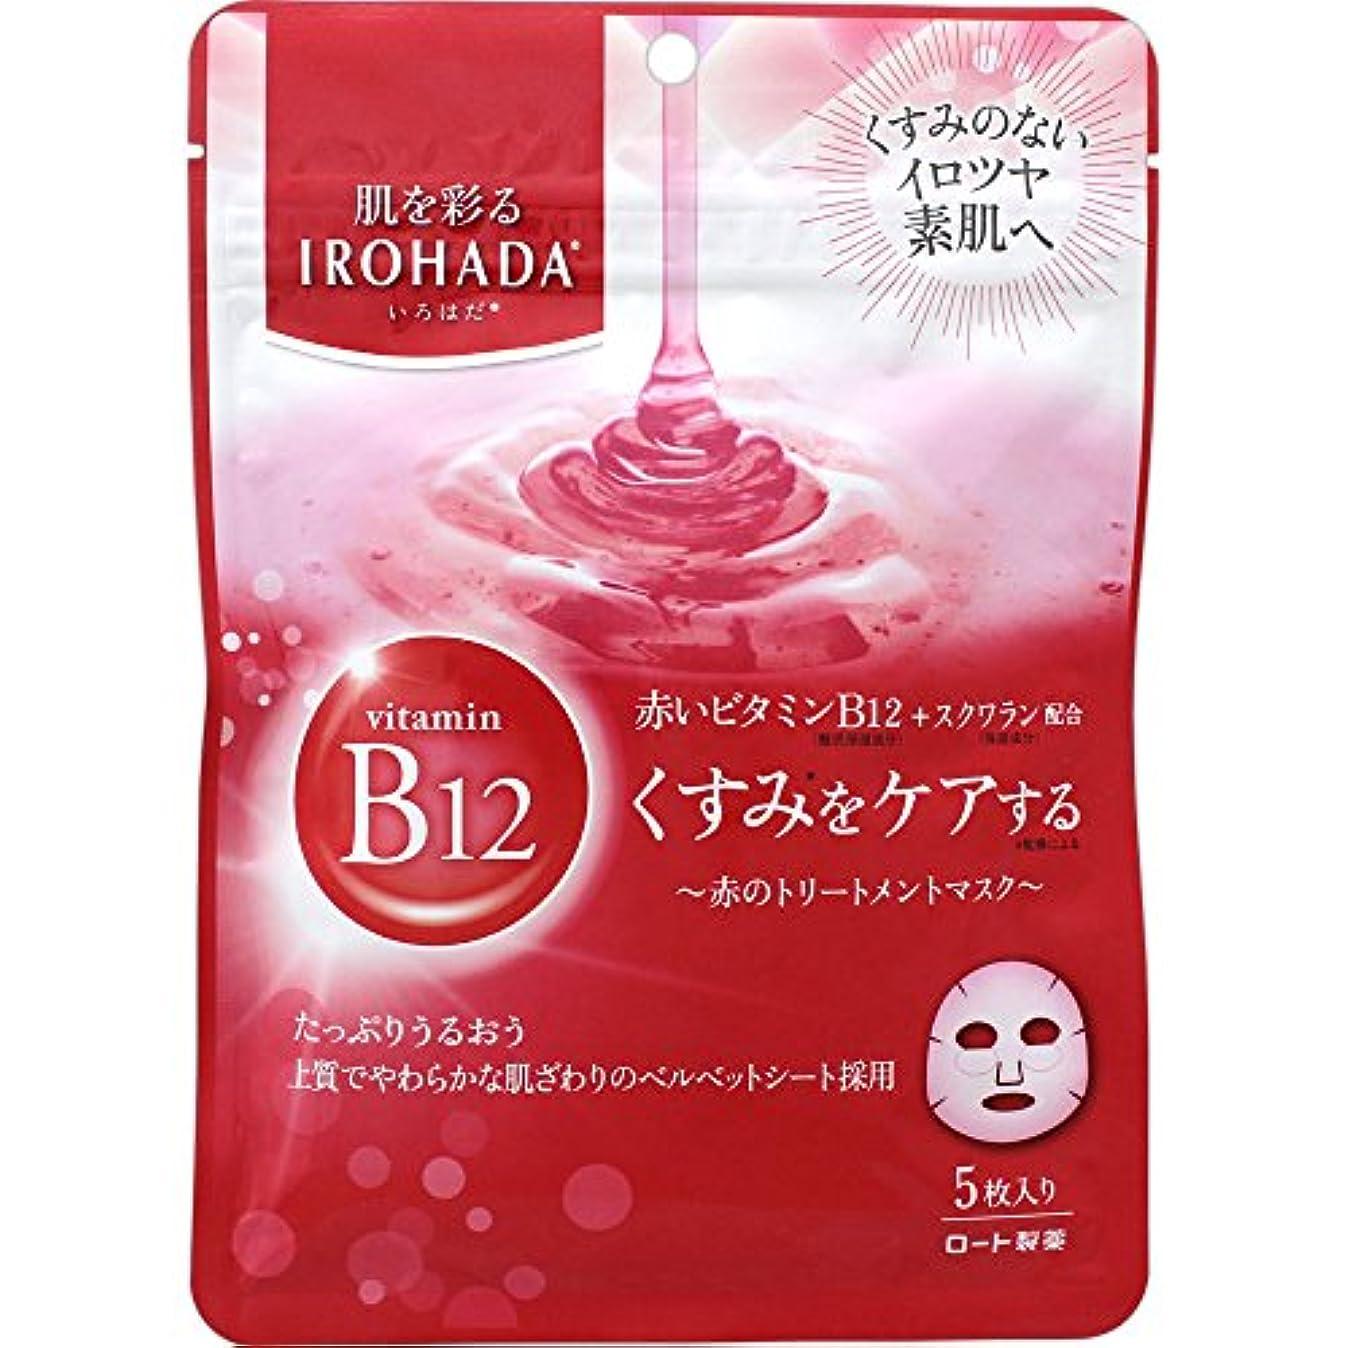 マトンブラウン重要性ロート製薬 いろはだ (IROHADA) 赤いビタミンB12×スクワラン配合 トリートメントマスク 5枚入り